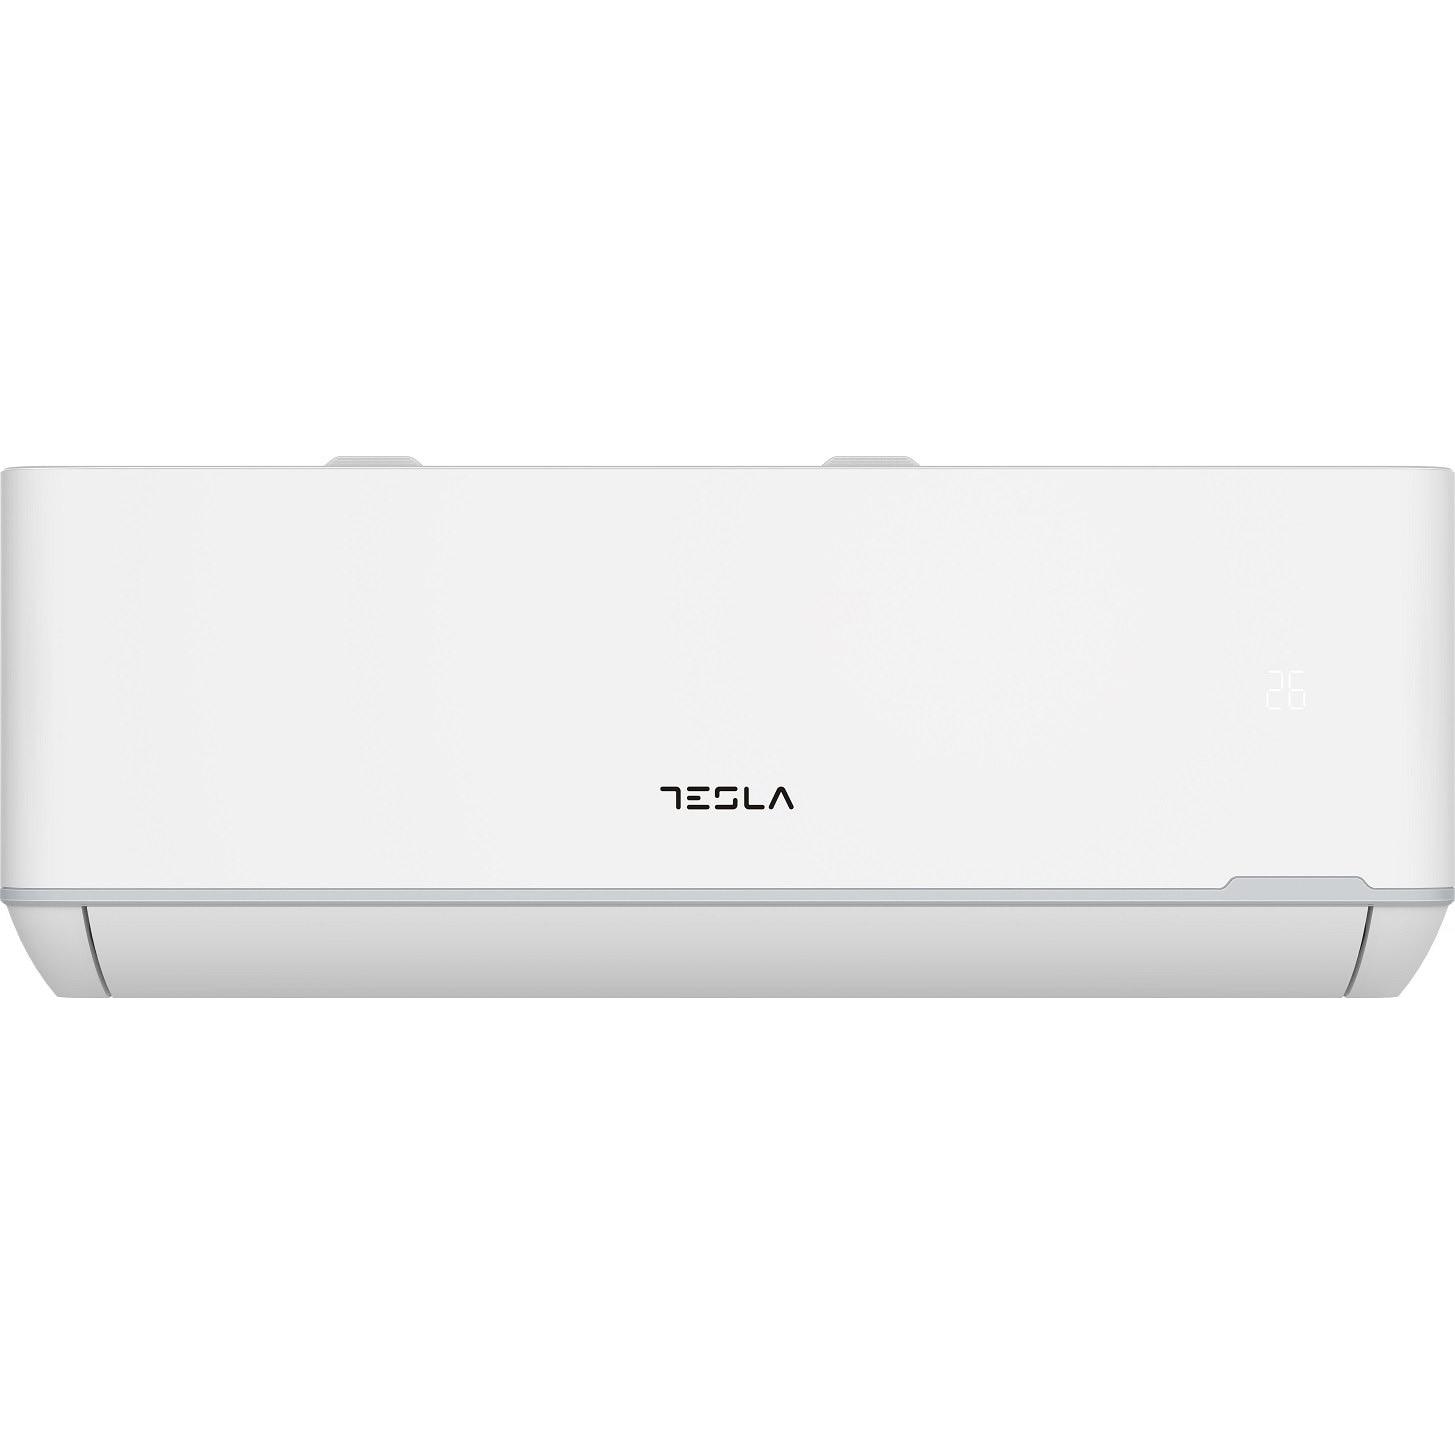 Fotografie Aparat de aer conditionat TESLA TT68TP21-2432IAWUV Wi-Fi, 24000 BTU, Clasa A++, lampa UVC, Functie incalzire, Functie Turbo, I Feel, Autocuratare, Filtru lavabil, alb